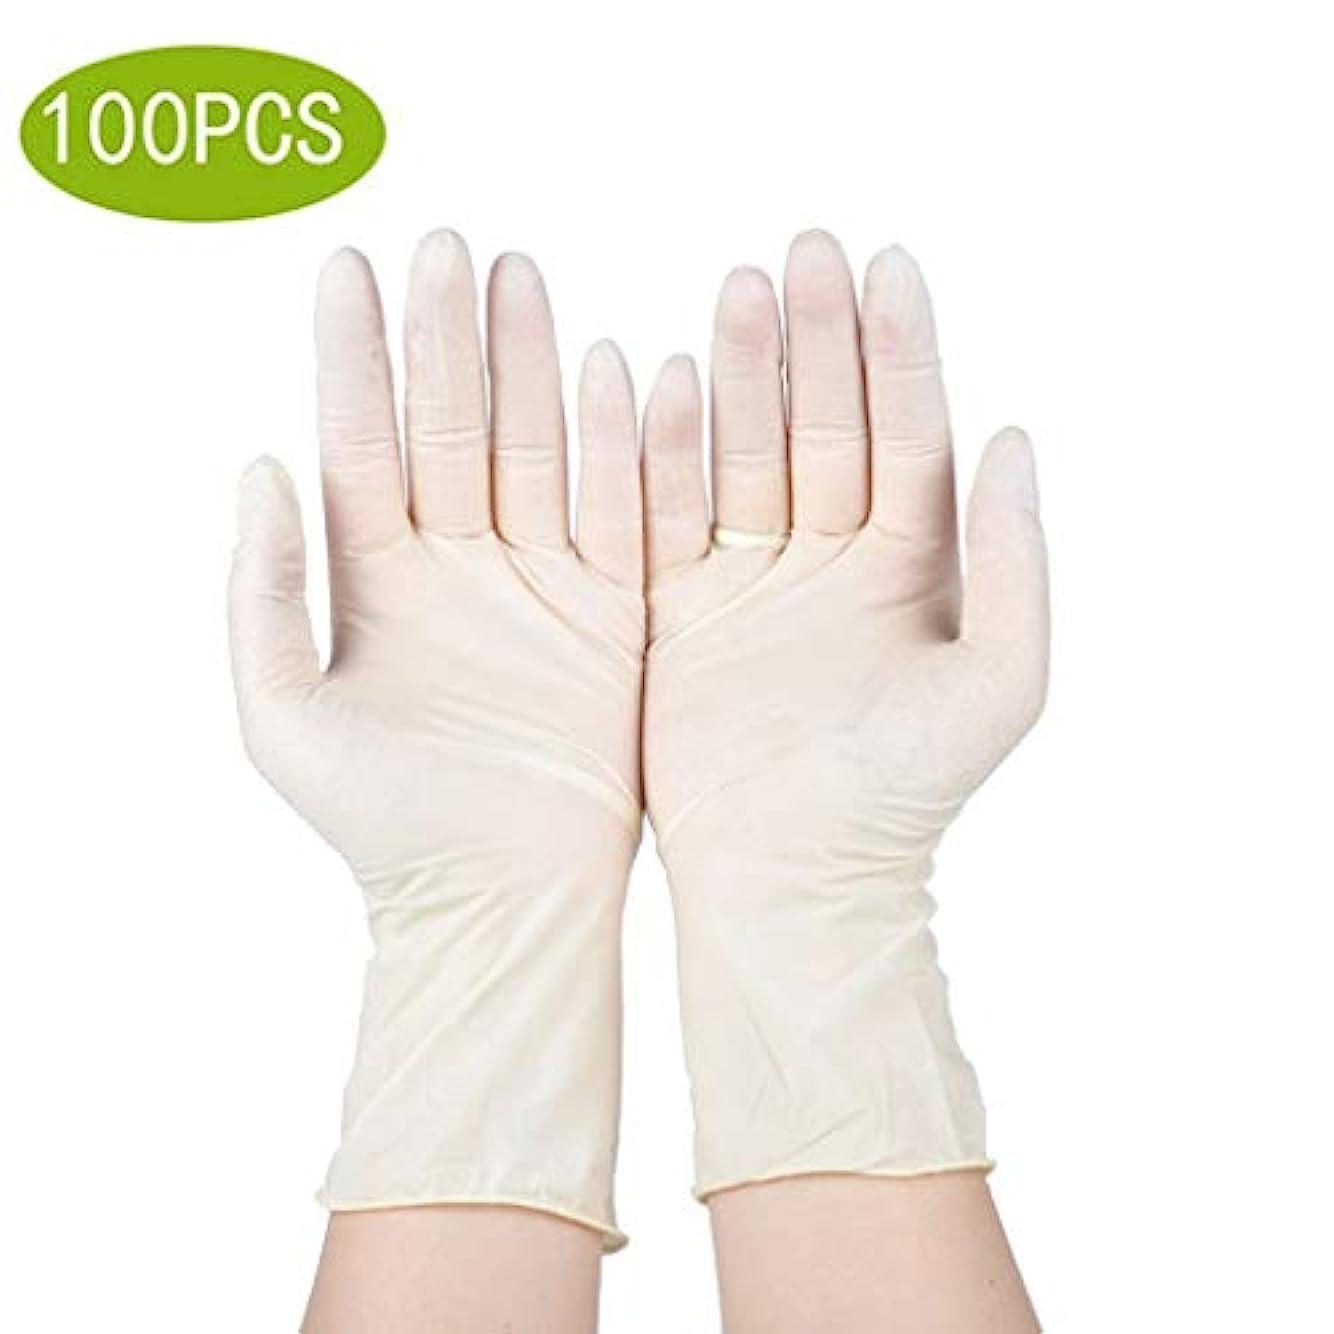 懸念彼女の絡まる医療検査ラテックス手袋 3ミル厚、ミディアムボックス100パウダーフリー、無菌、頑丈な試験用手袋 病院のための専門の等級、法執行機関、食糧売り手 (Color : Beige, Size : L)